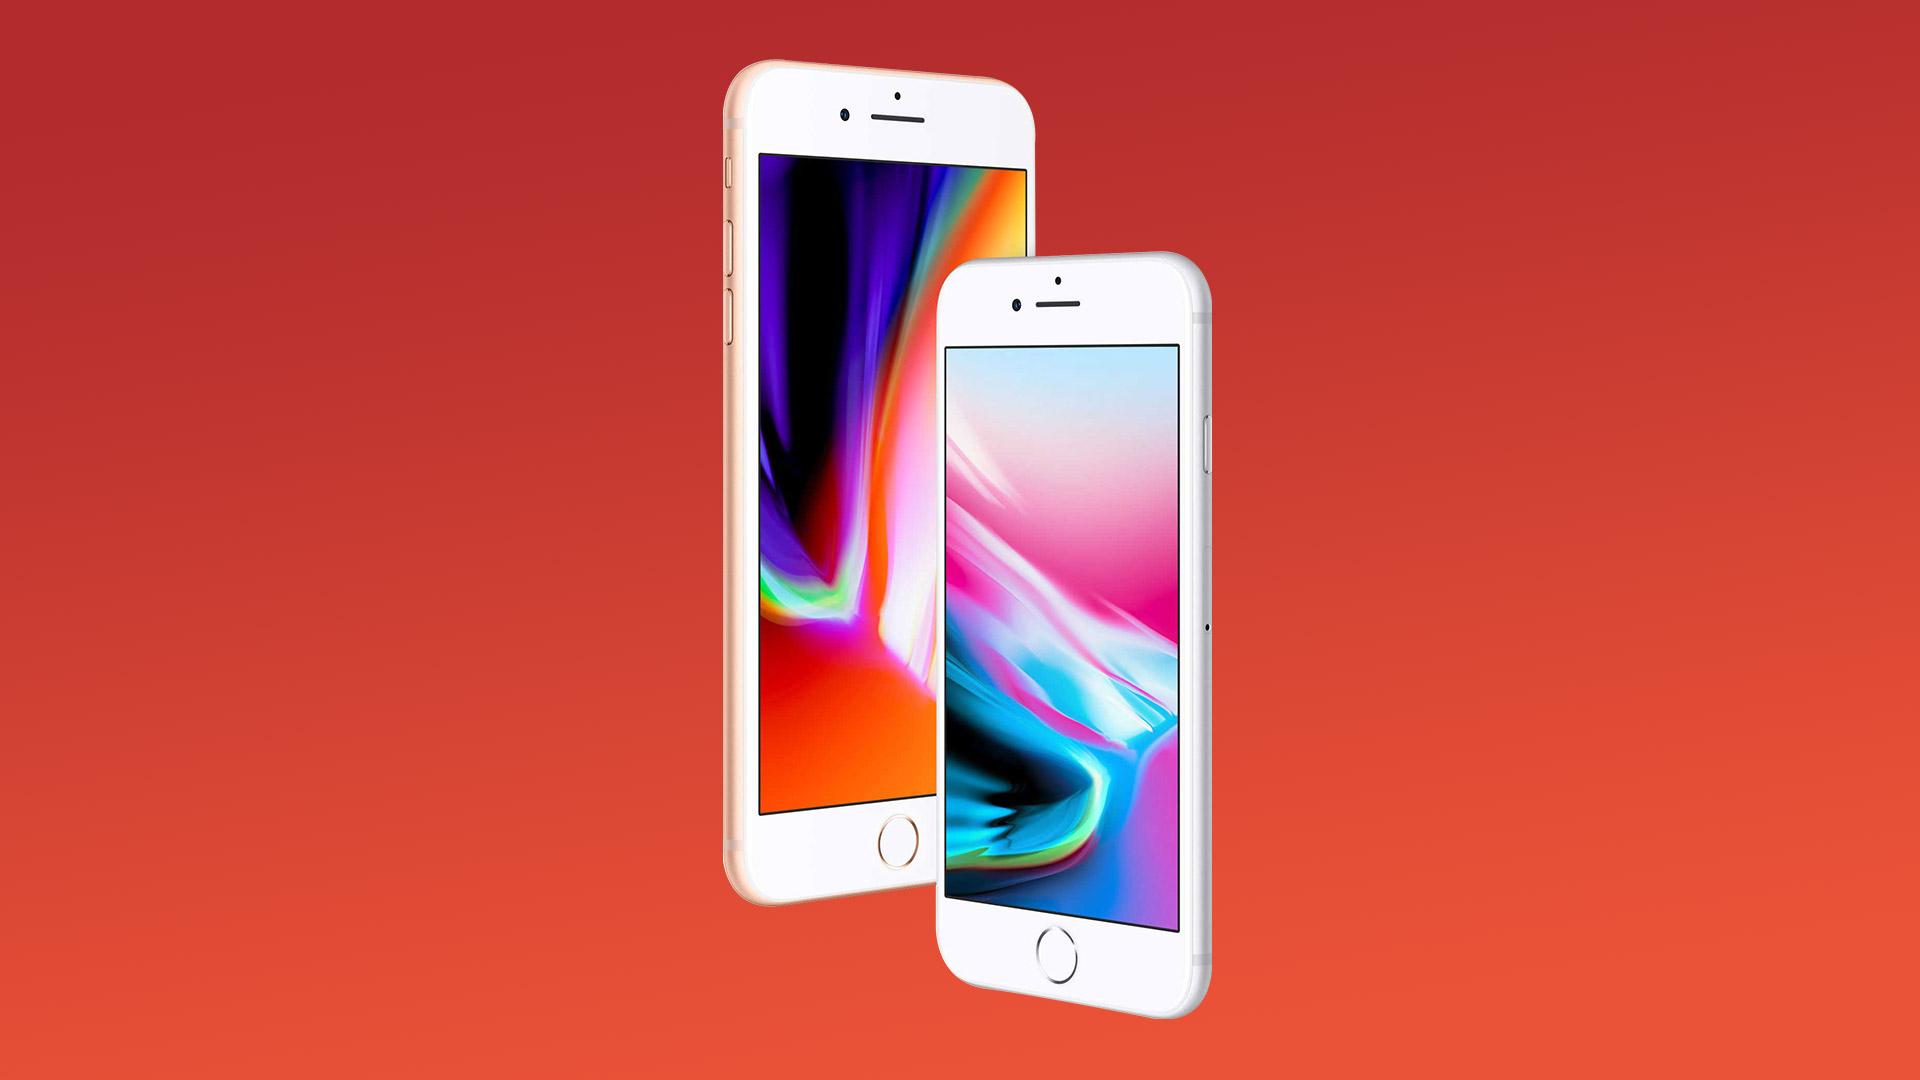 La puce surpuissante de l'iPhone 8